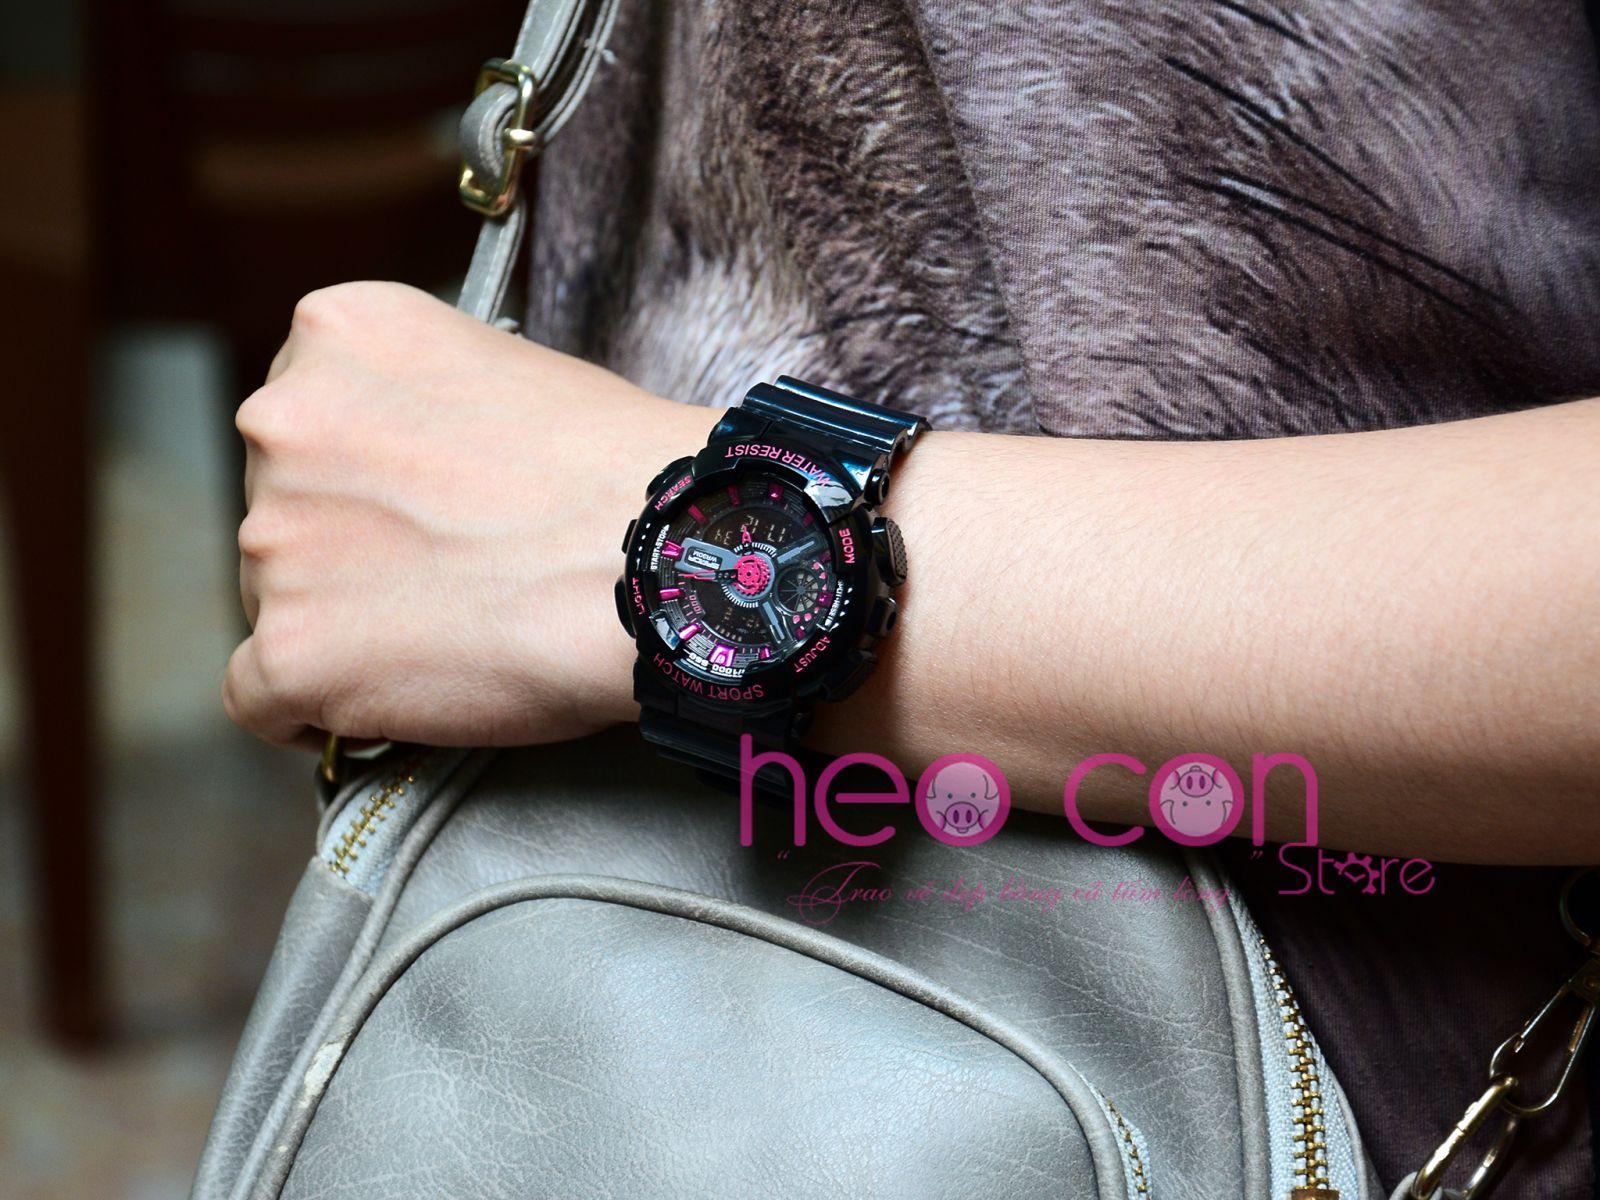 đồng hồ sanda chính hãng chống nước dành cho nữ - 292